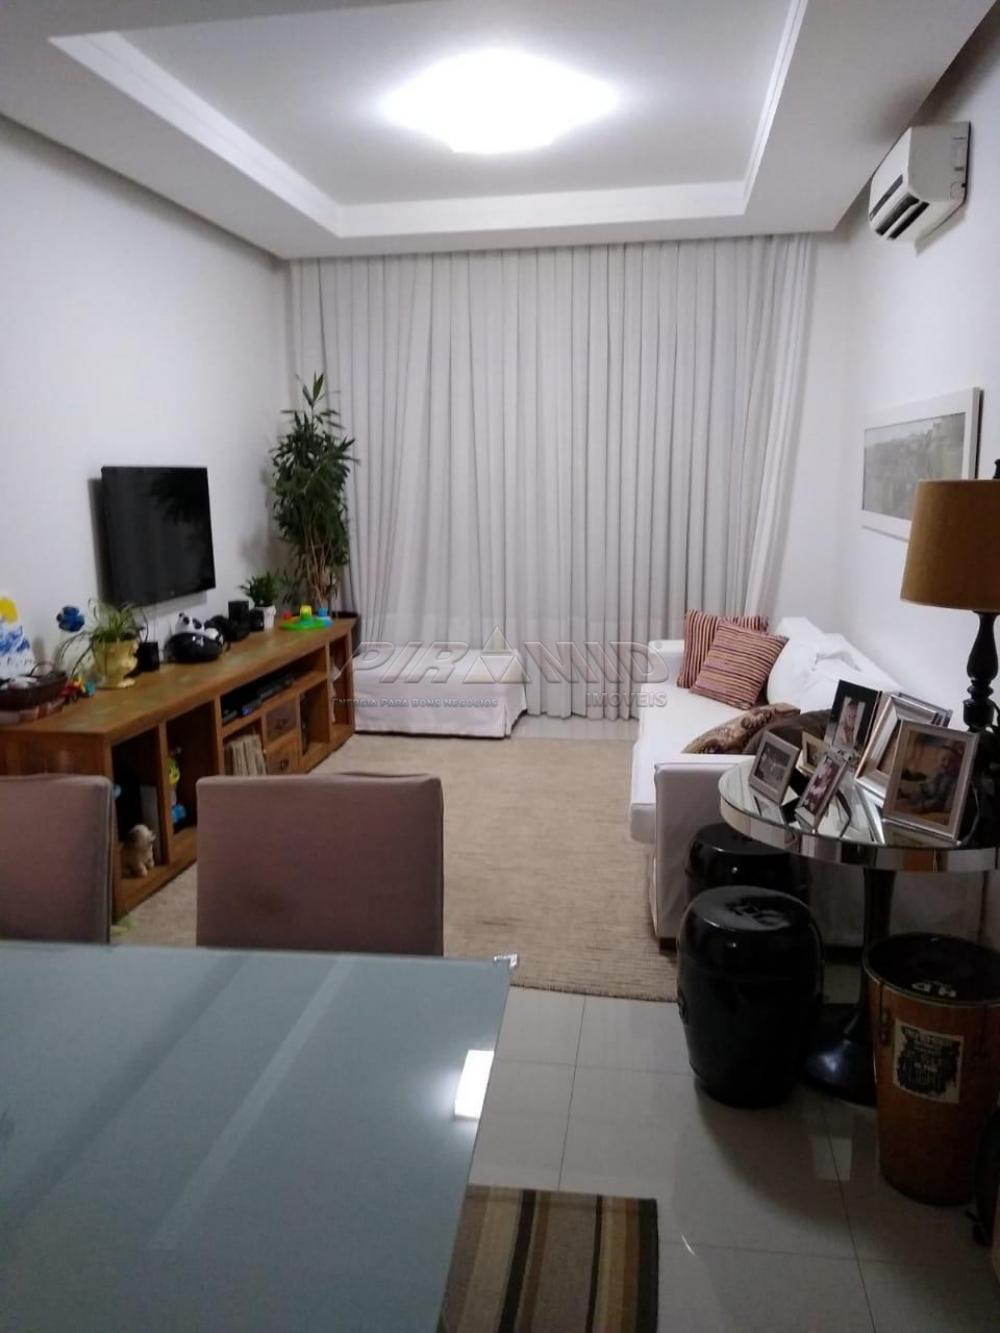 Comprar Apartamento / Padrão em Ribeirão Preto R$ 397.000,00 - Foto 1